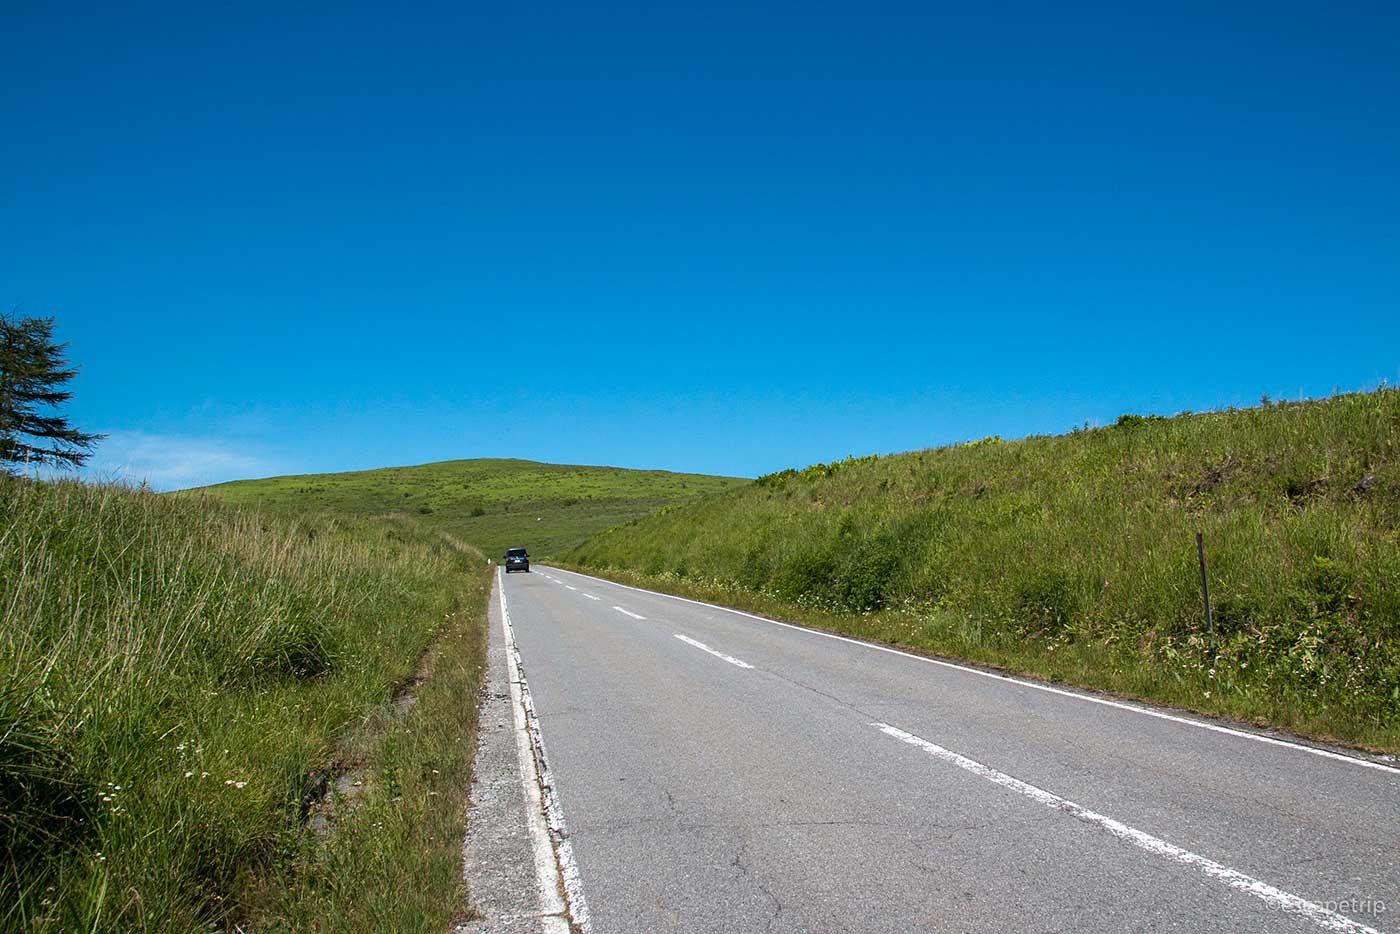 青空と草原と道